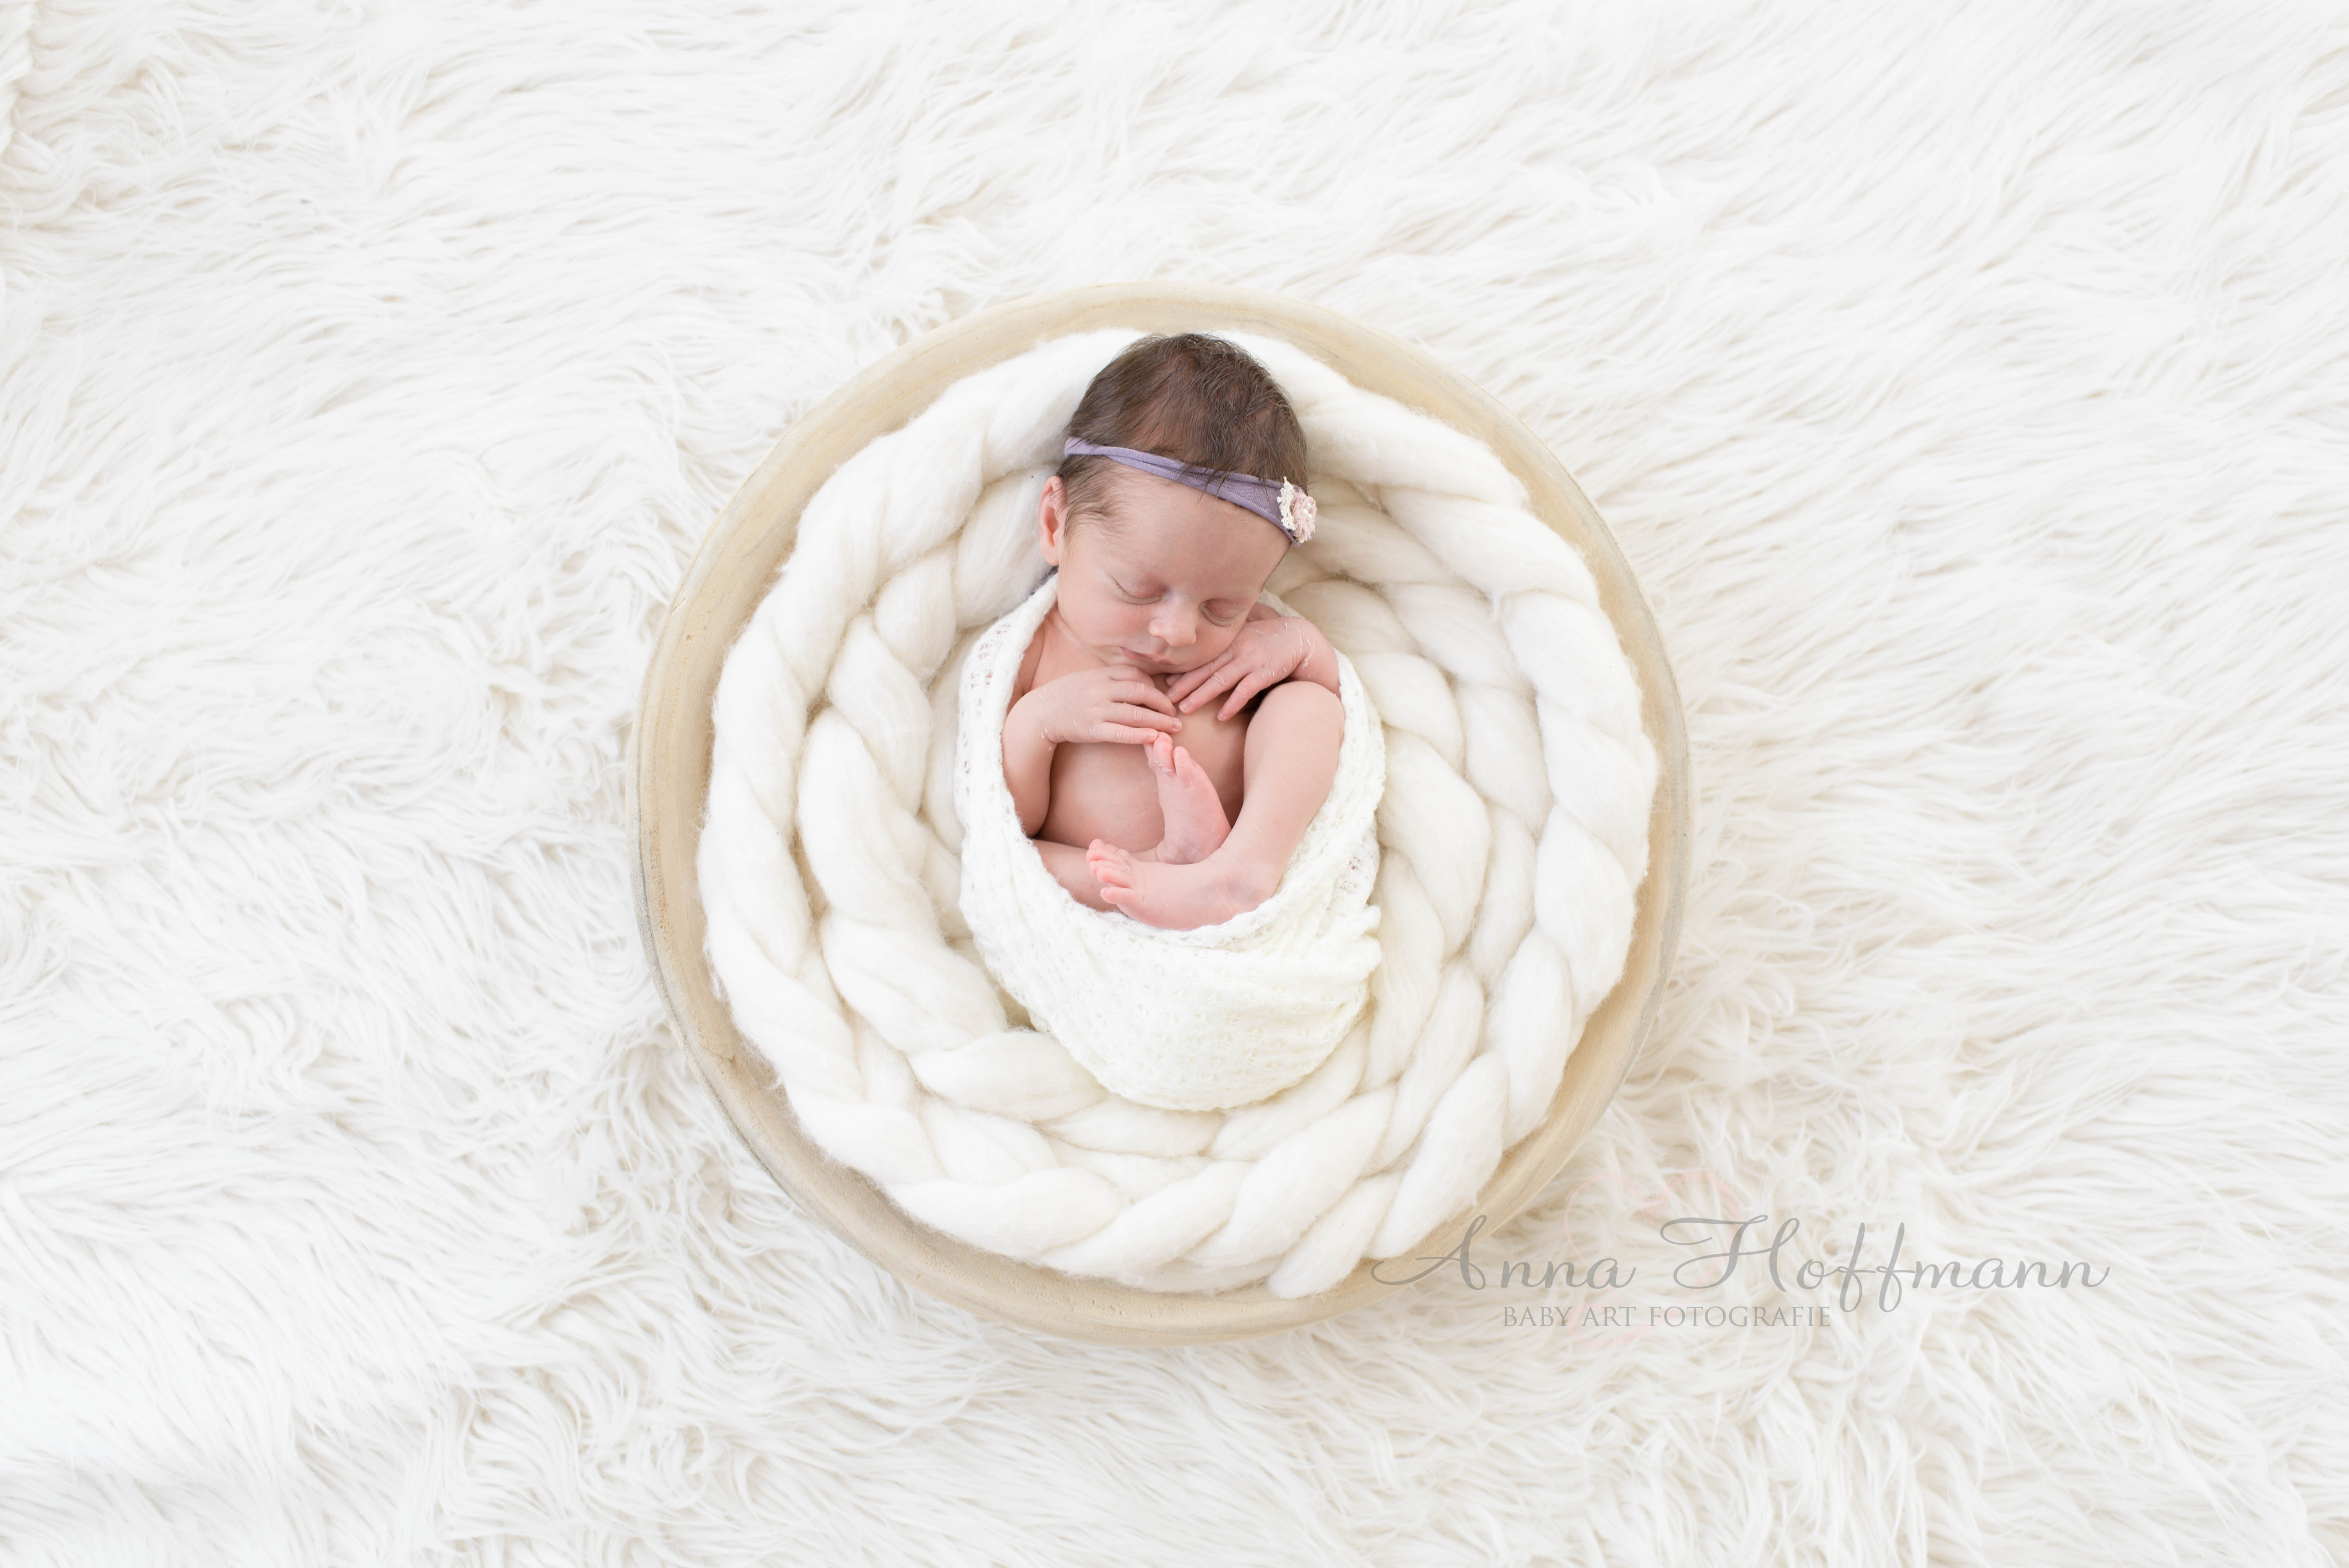 Babyfotos Neugeborenenshooting 5